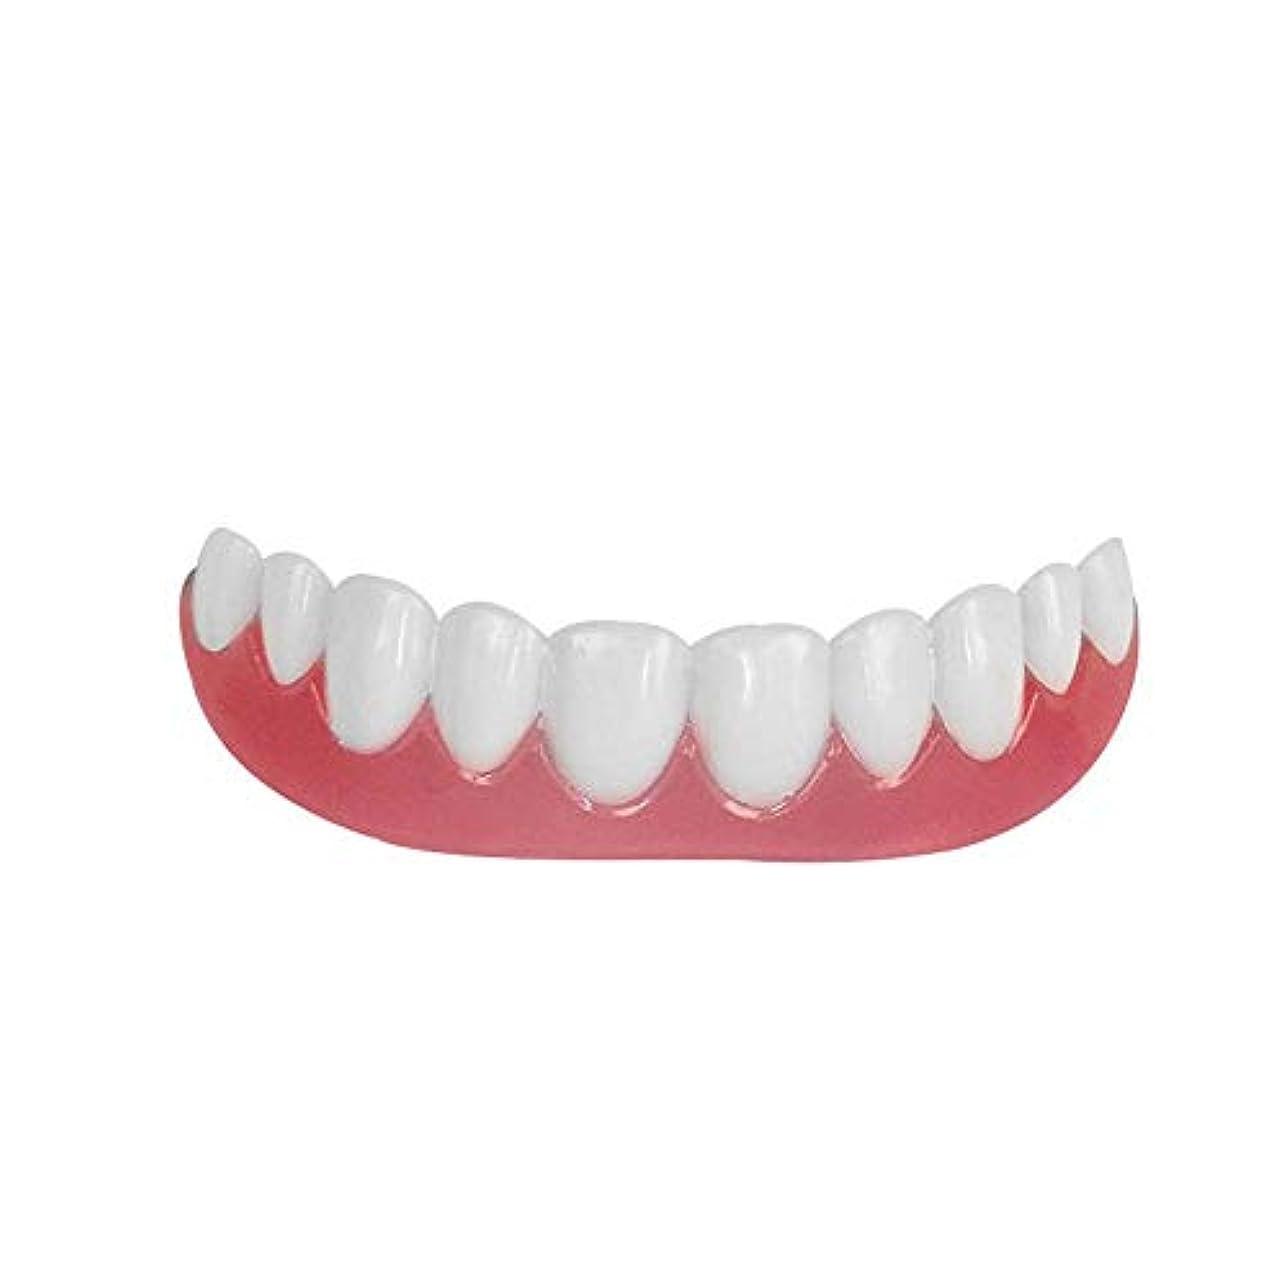 カルシウム必要性座標シリコーン模擬歯上歯、ホワイトニングデンタルステッカー、歯ホワイトニングセット(3pcs),A